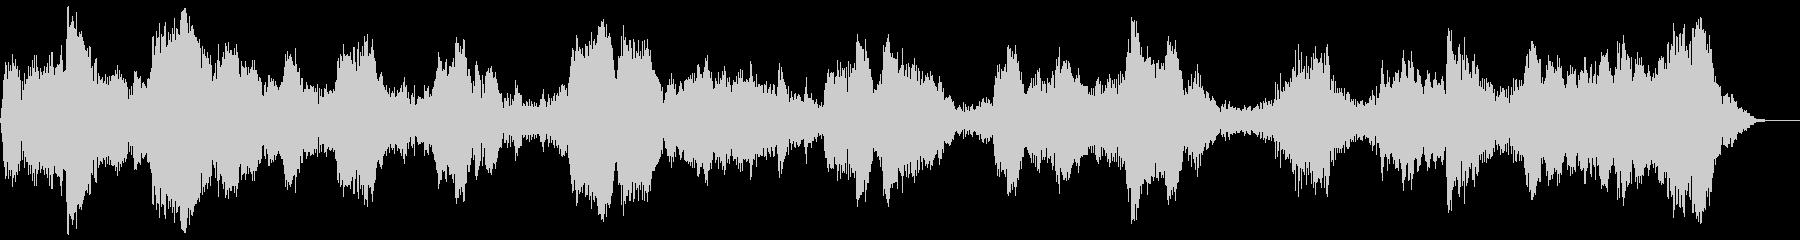 背景音 ホラー3の未再生の波形